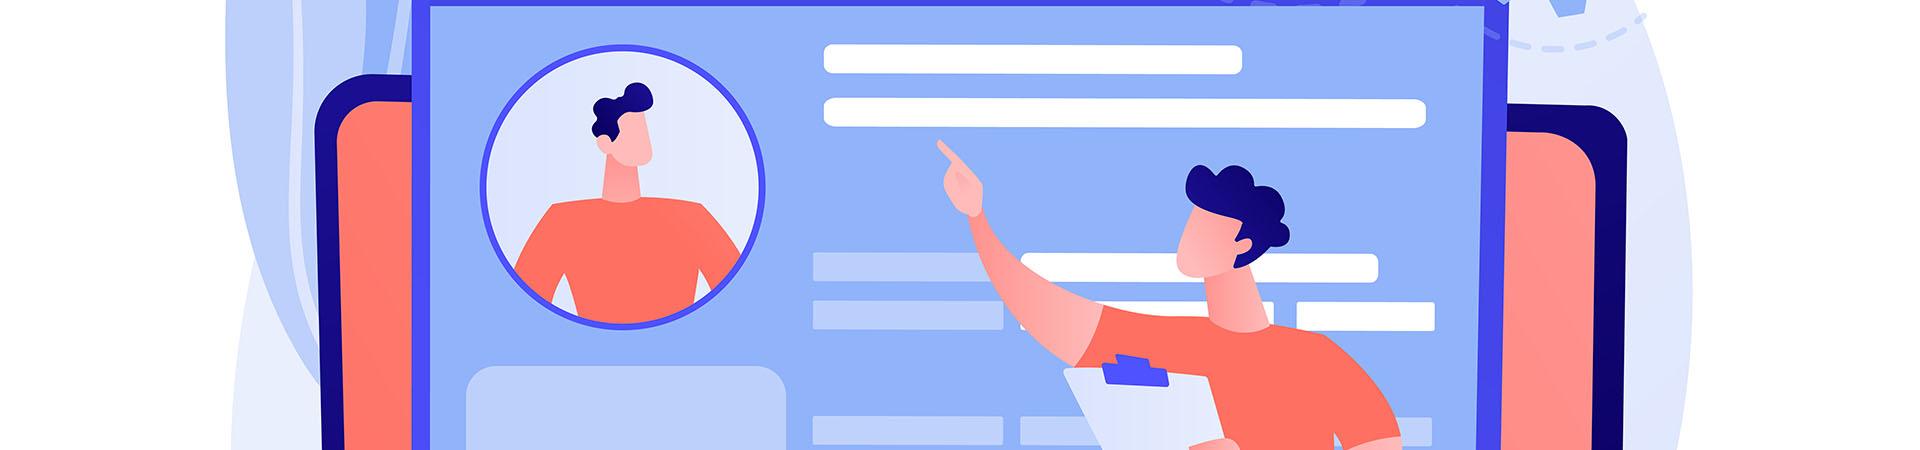 Új funkciókkal bővült a webfiókod